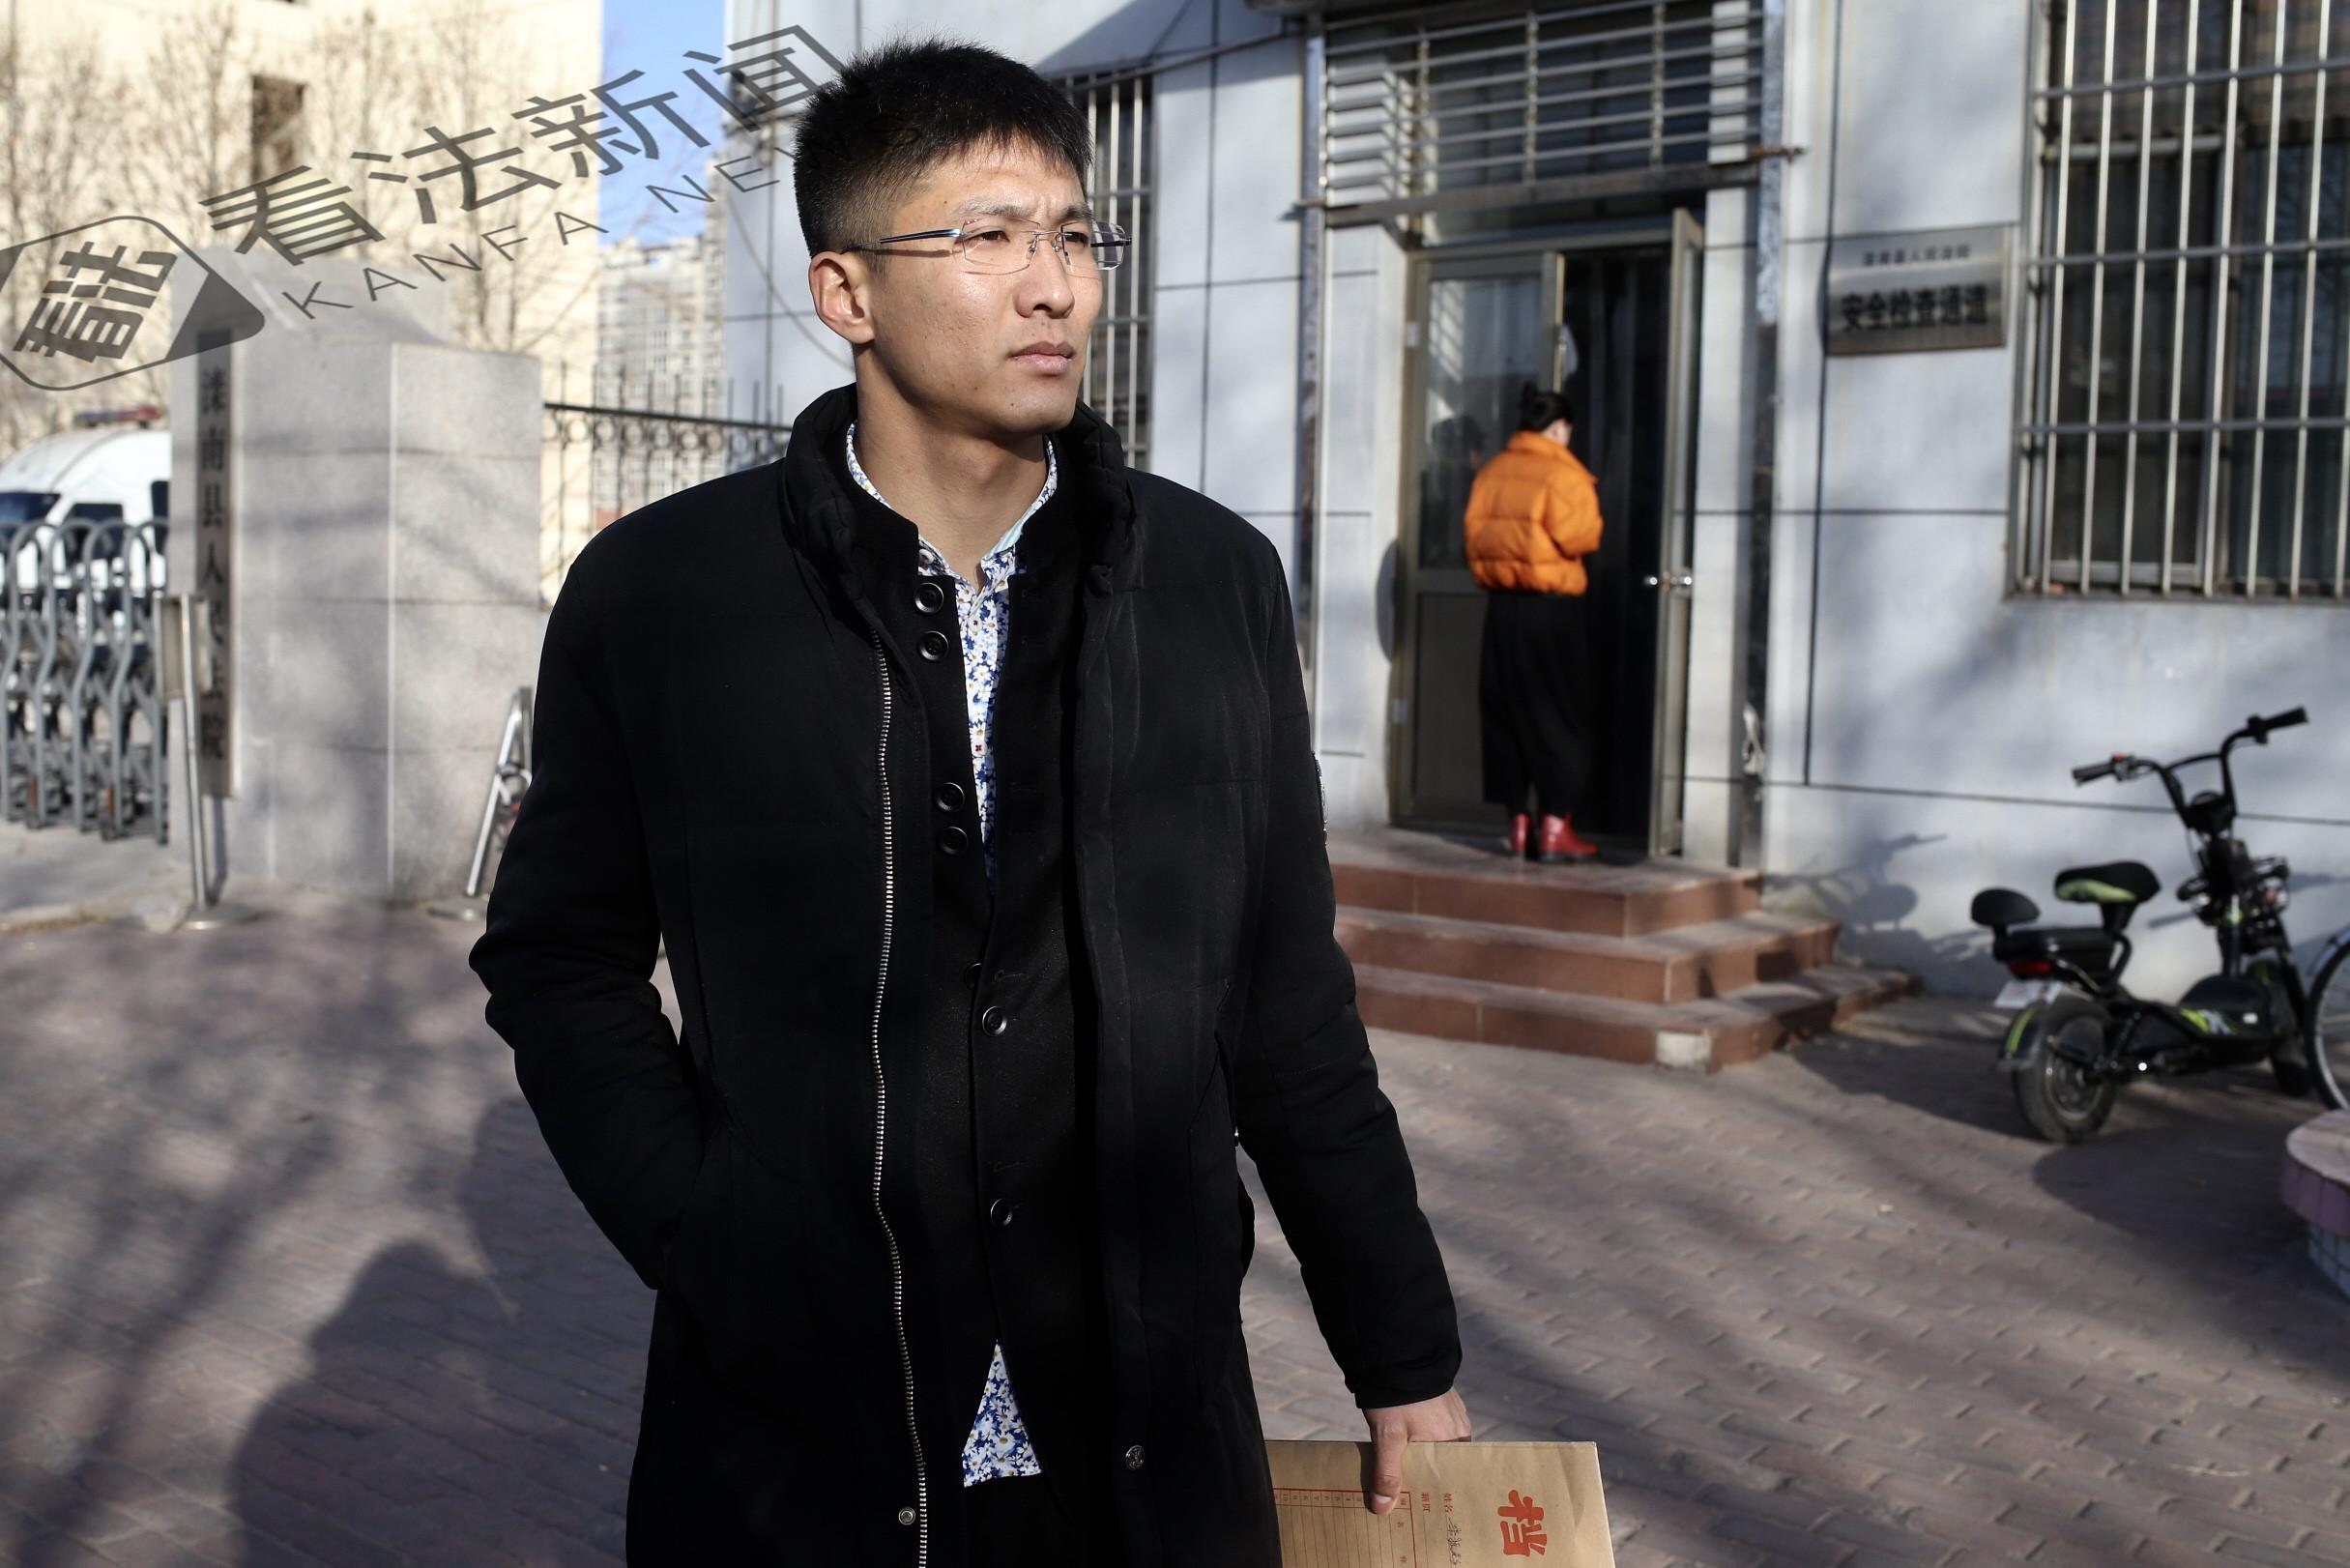 唐山小伙追赶肇事逃逸者:法院判决驳回死者家属诉求